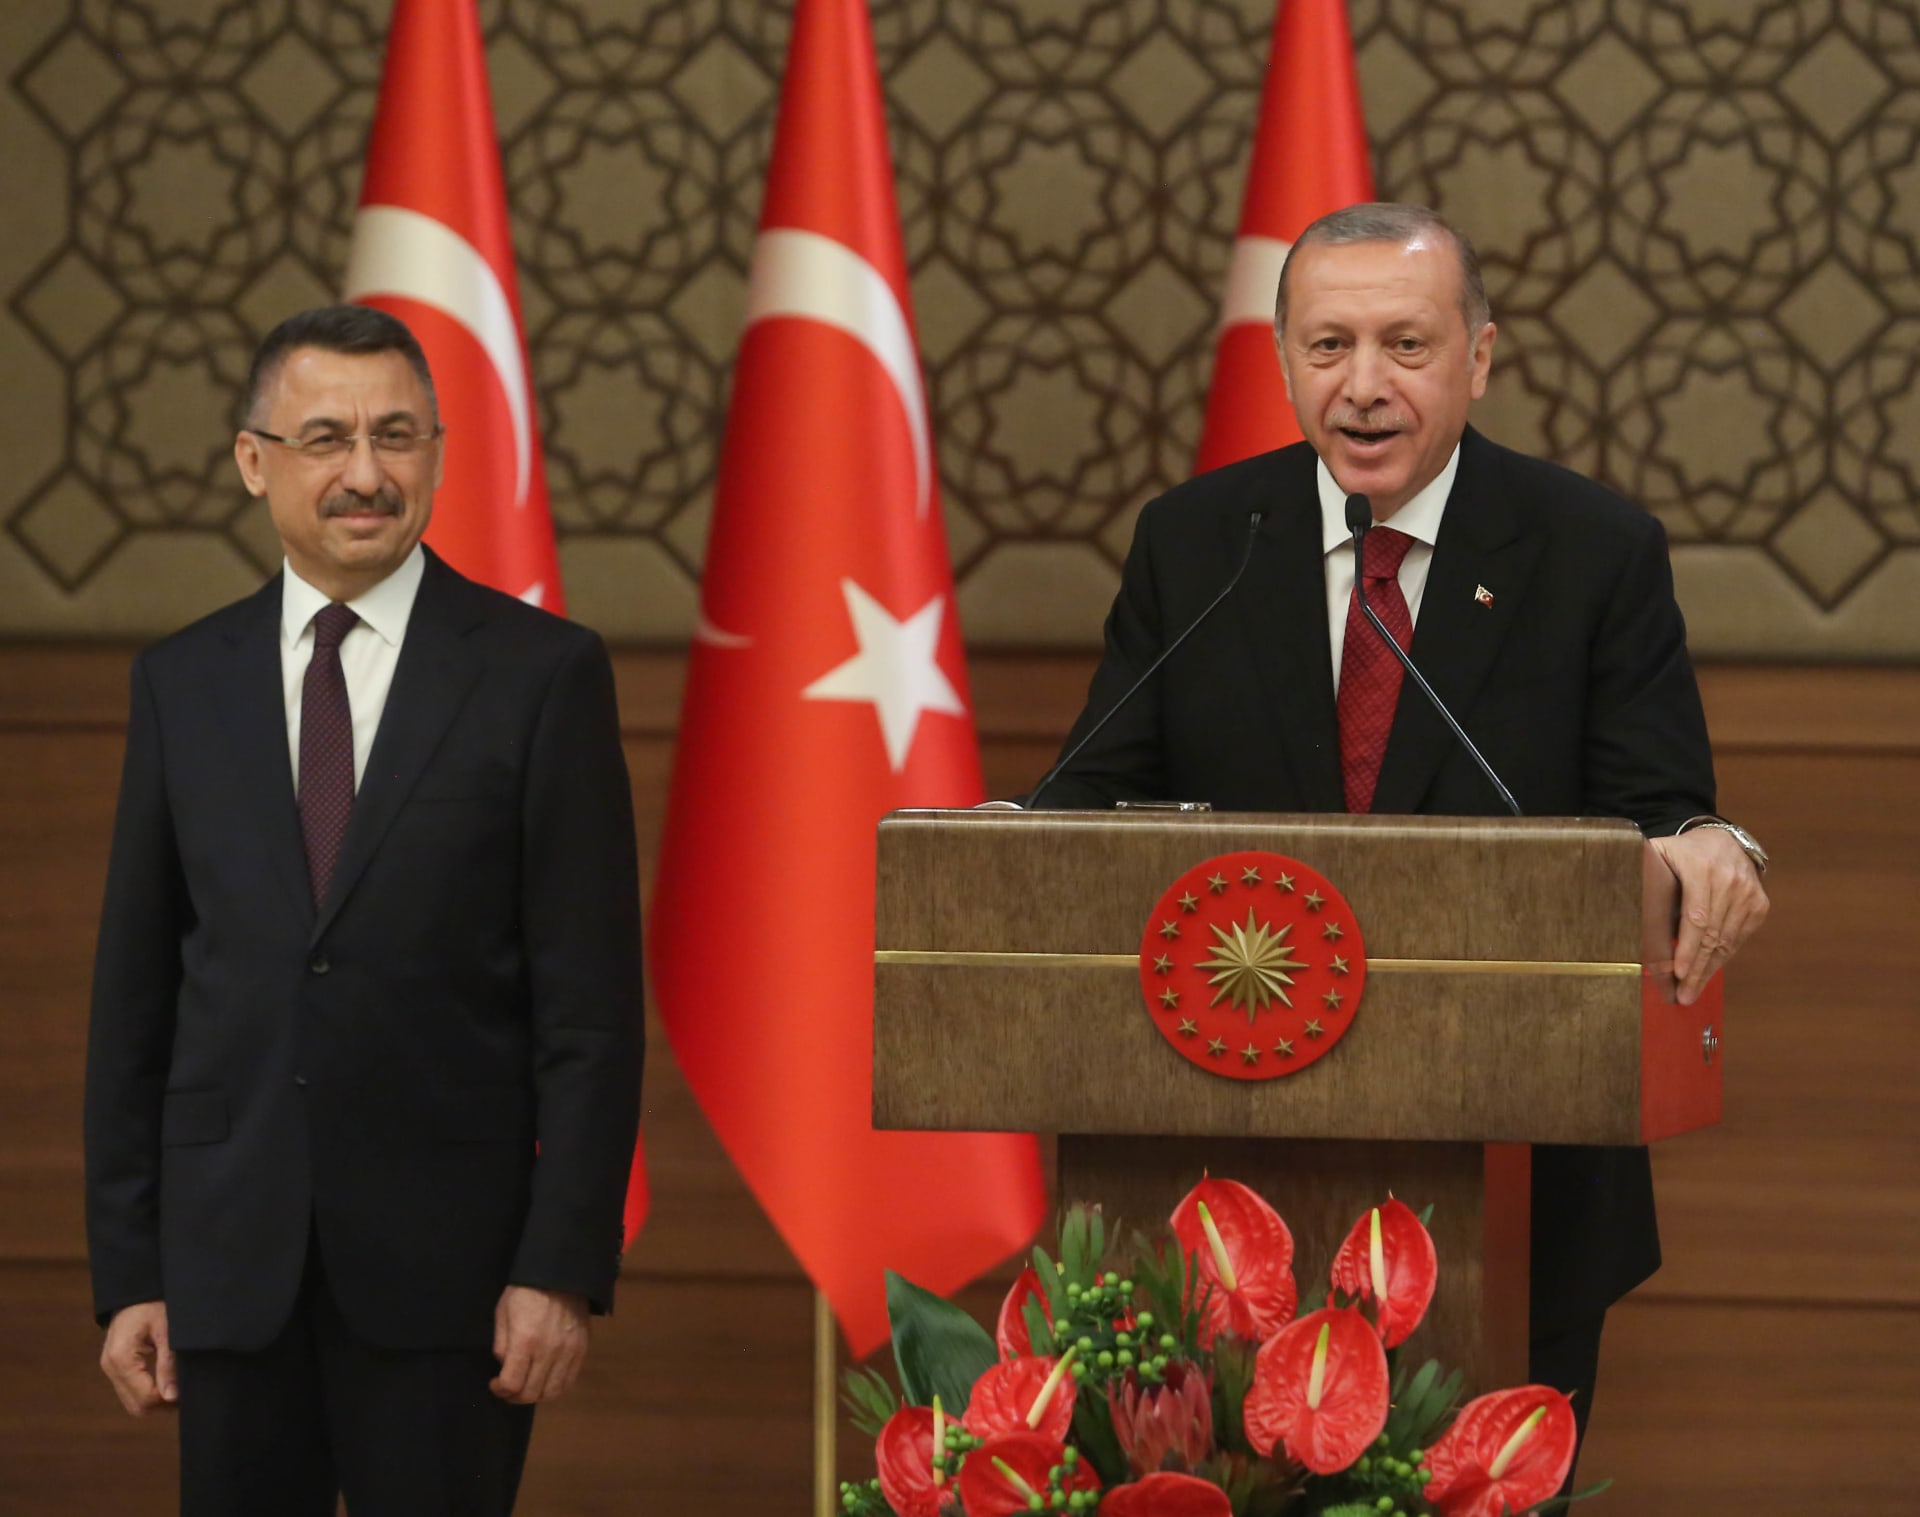 ما موقف تركيا حال انتخاب بايدن رئيسًا لأمريكا؟.. نائب أردوغان يرد